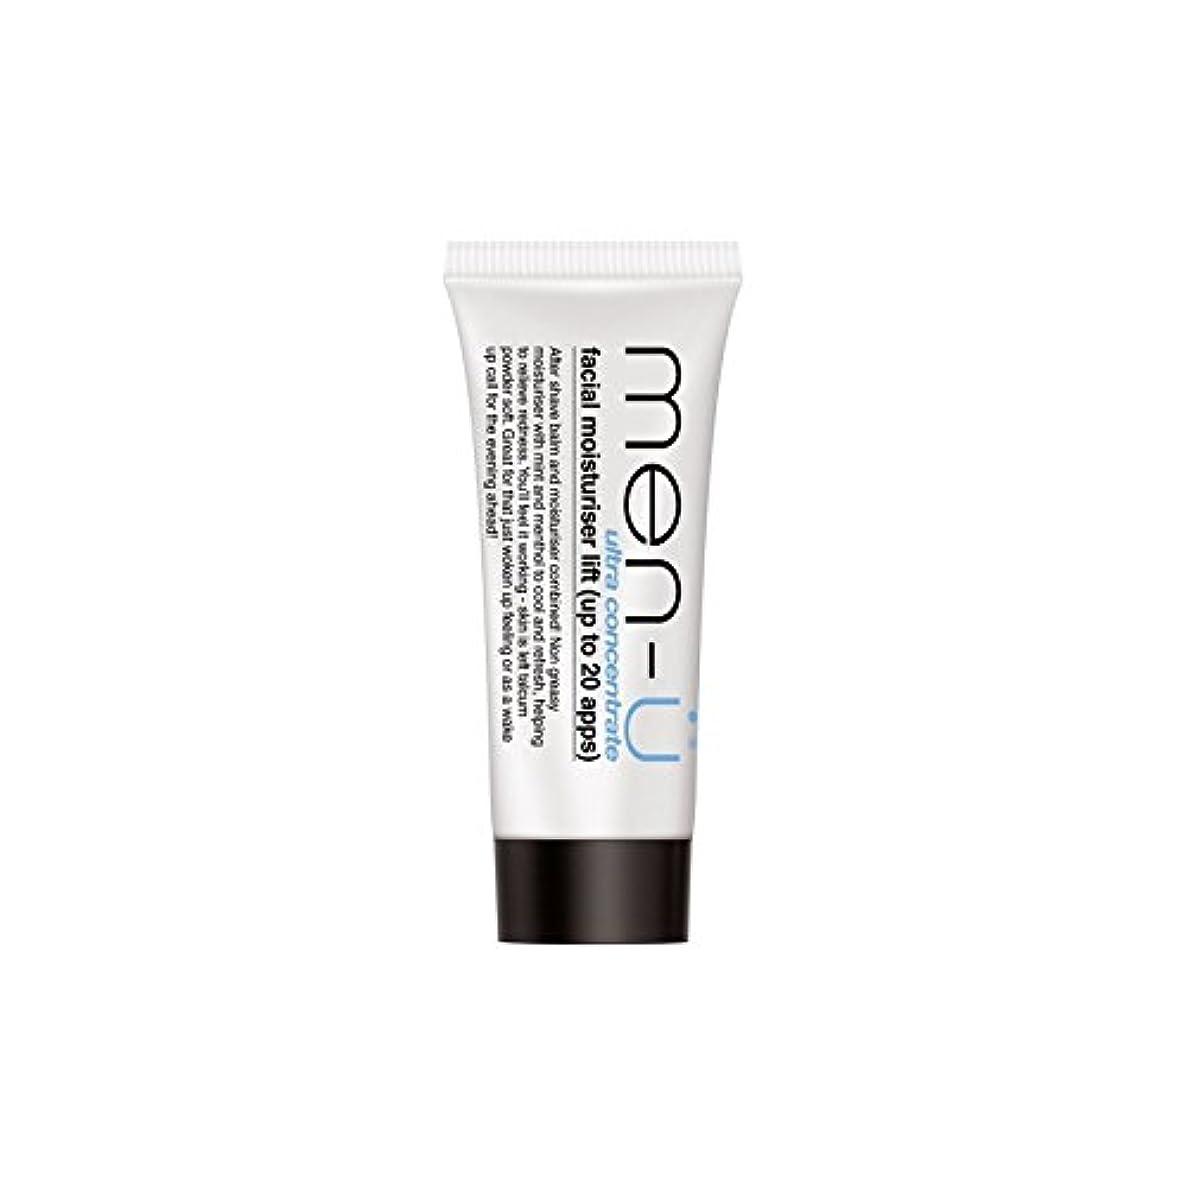 マチュピチュ入植者ギャンブル男性-のバディ顔の保湿剤のリフトチューブ(15ミリリットル) x4 - Men-? Buddy Facial Moisturiser Lift Tube (15ml) (Pack of 4) [並行輸入品]